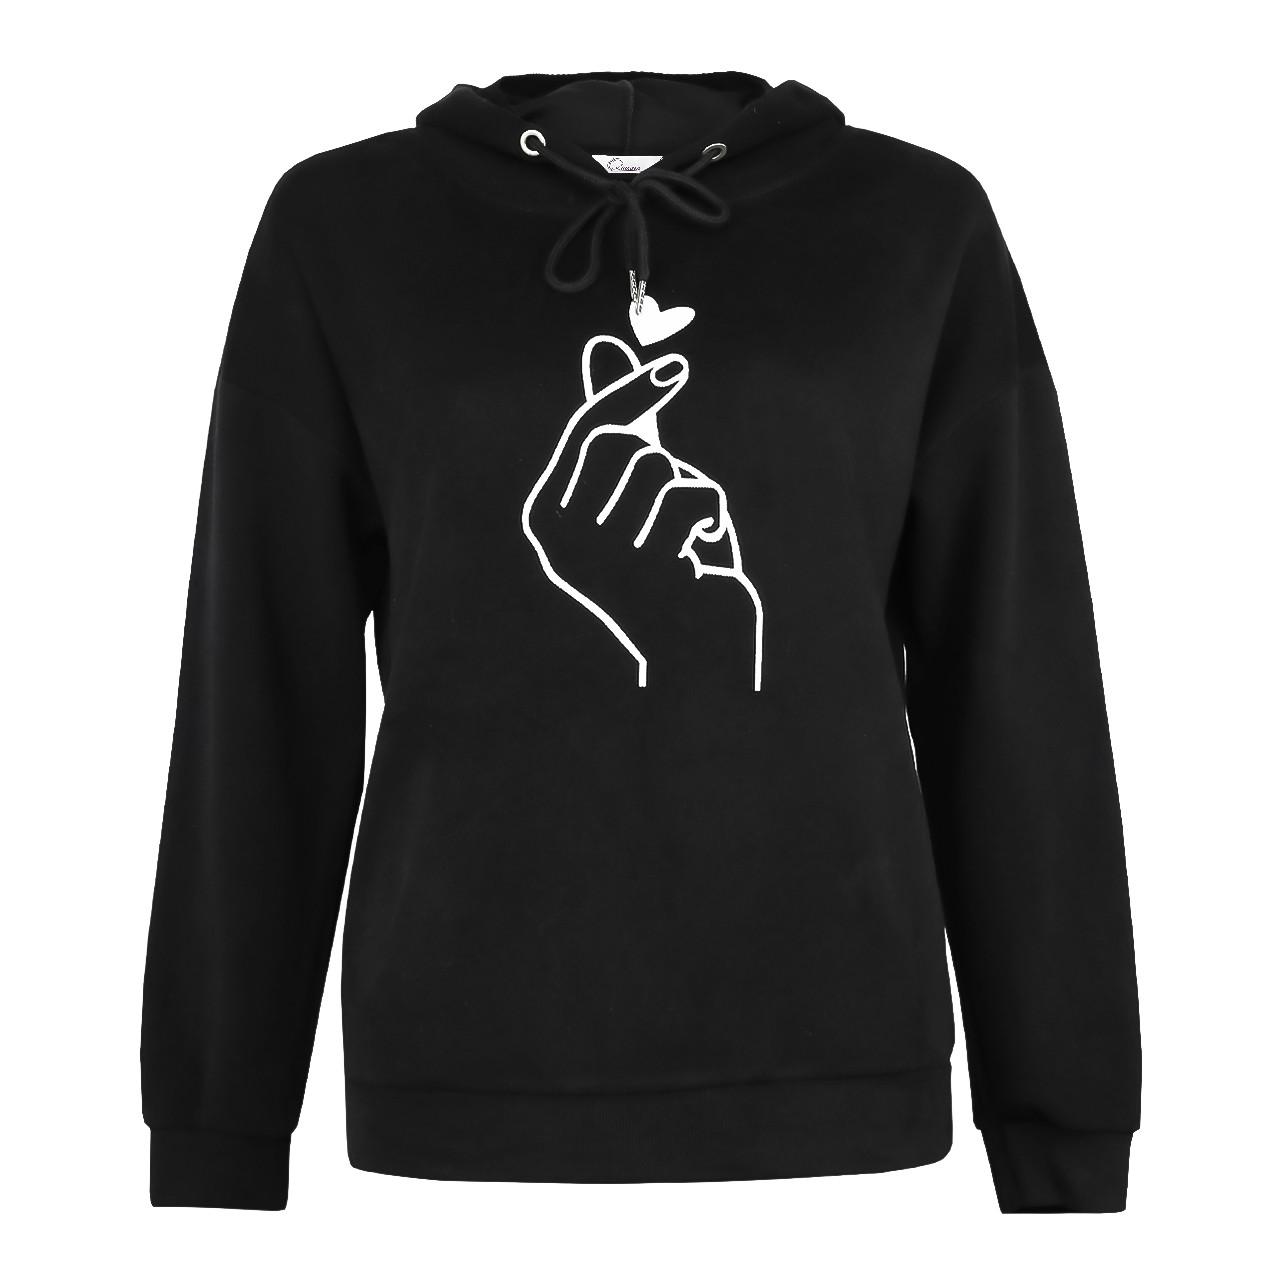 Худі жіноче однотонне з капюшоном Lianara «Серце пальцями», Чорний